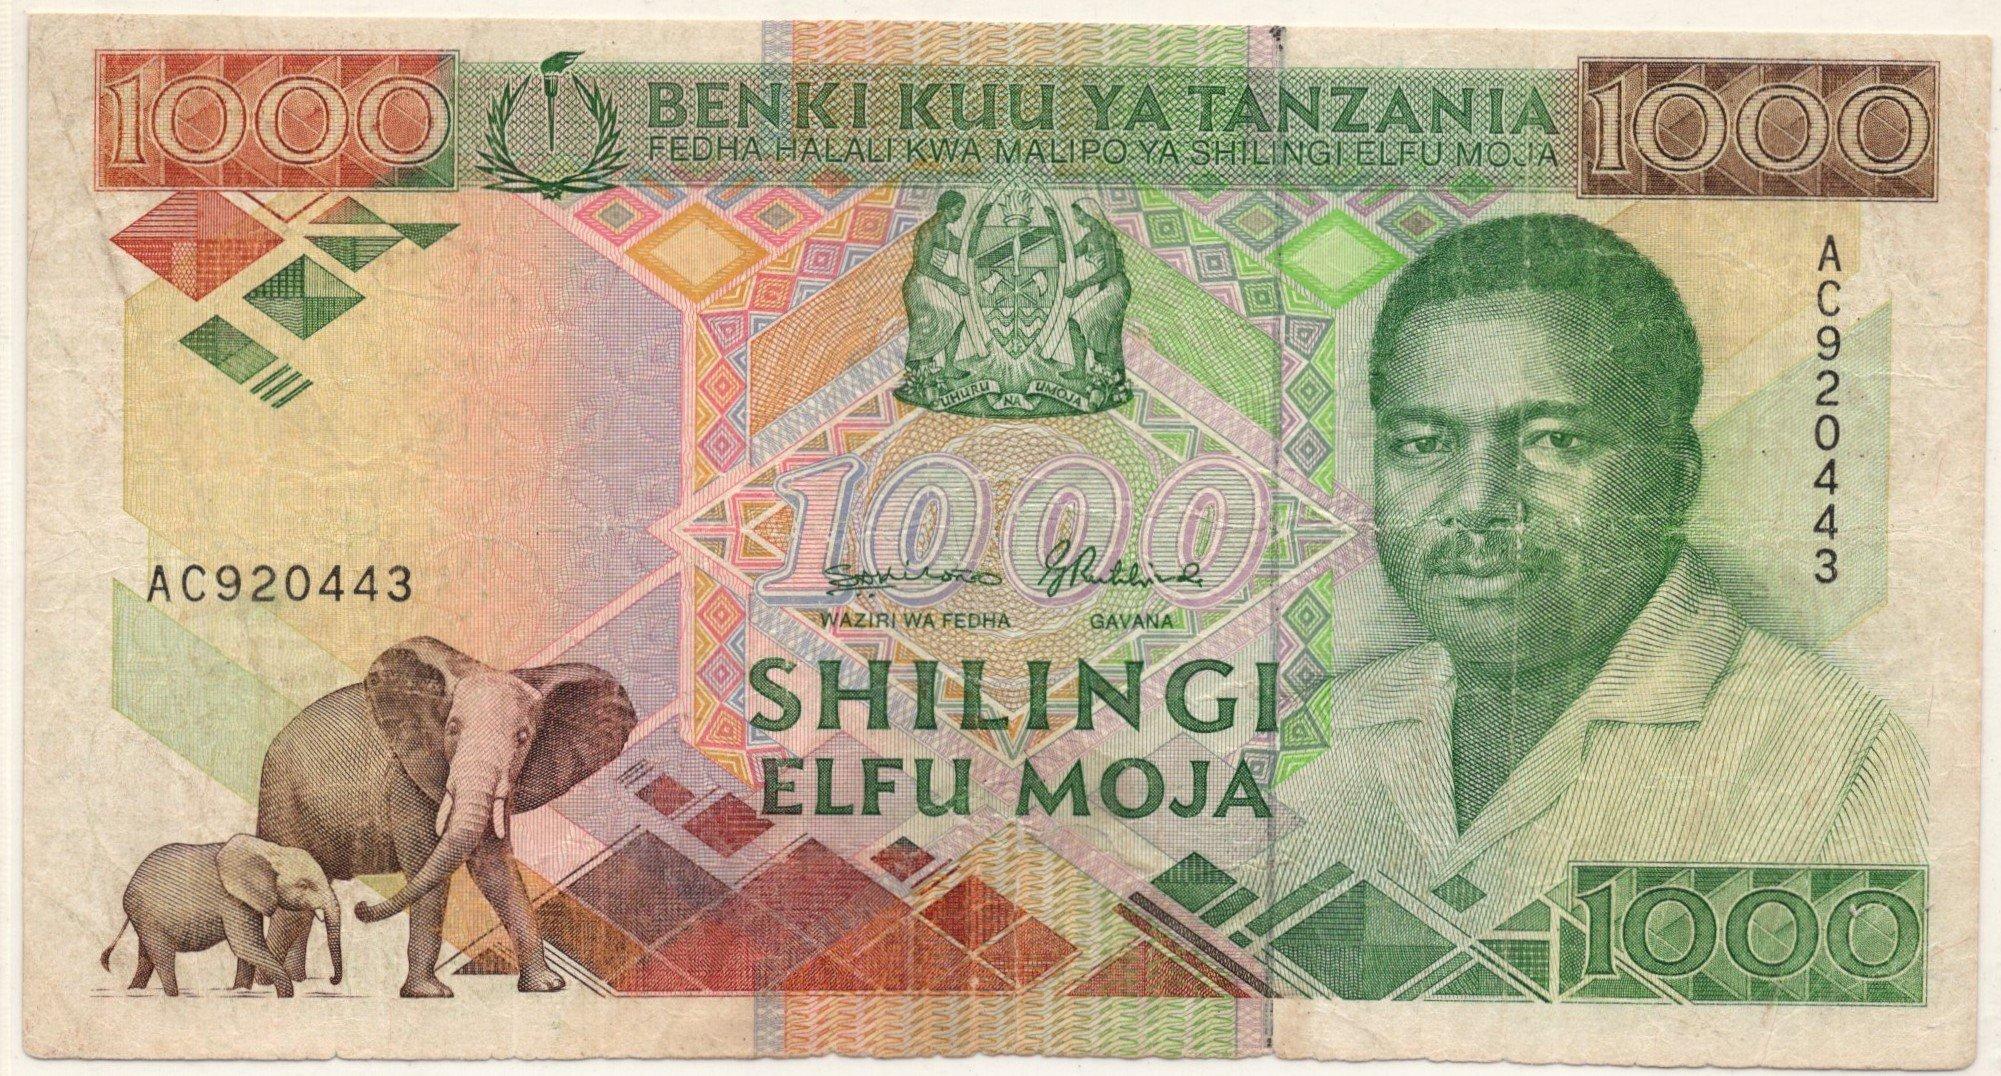 Tanzania 1000 shillings banknote for sale